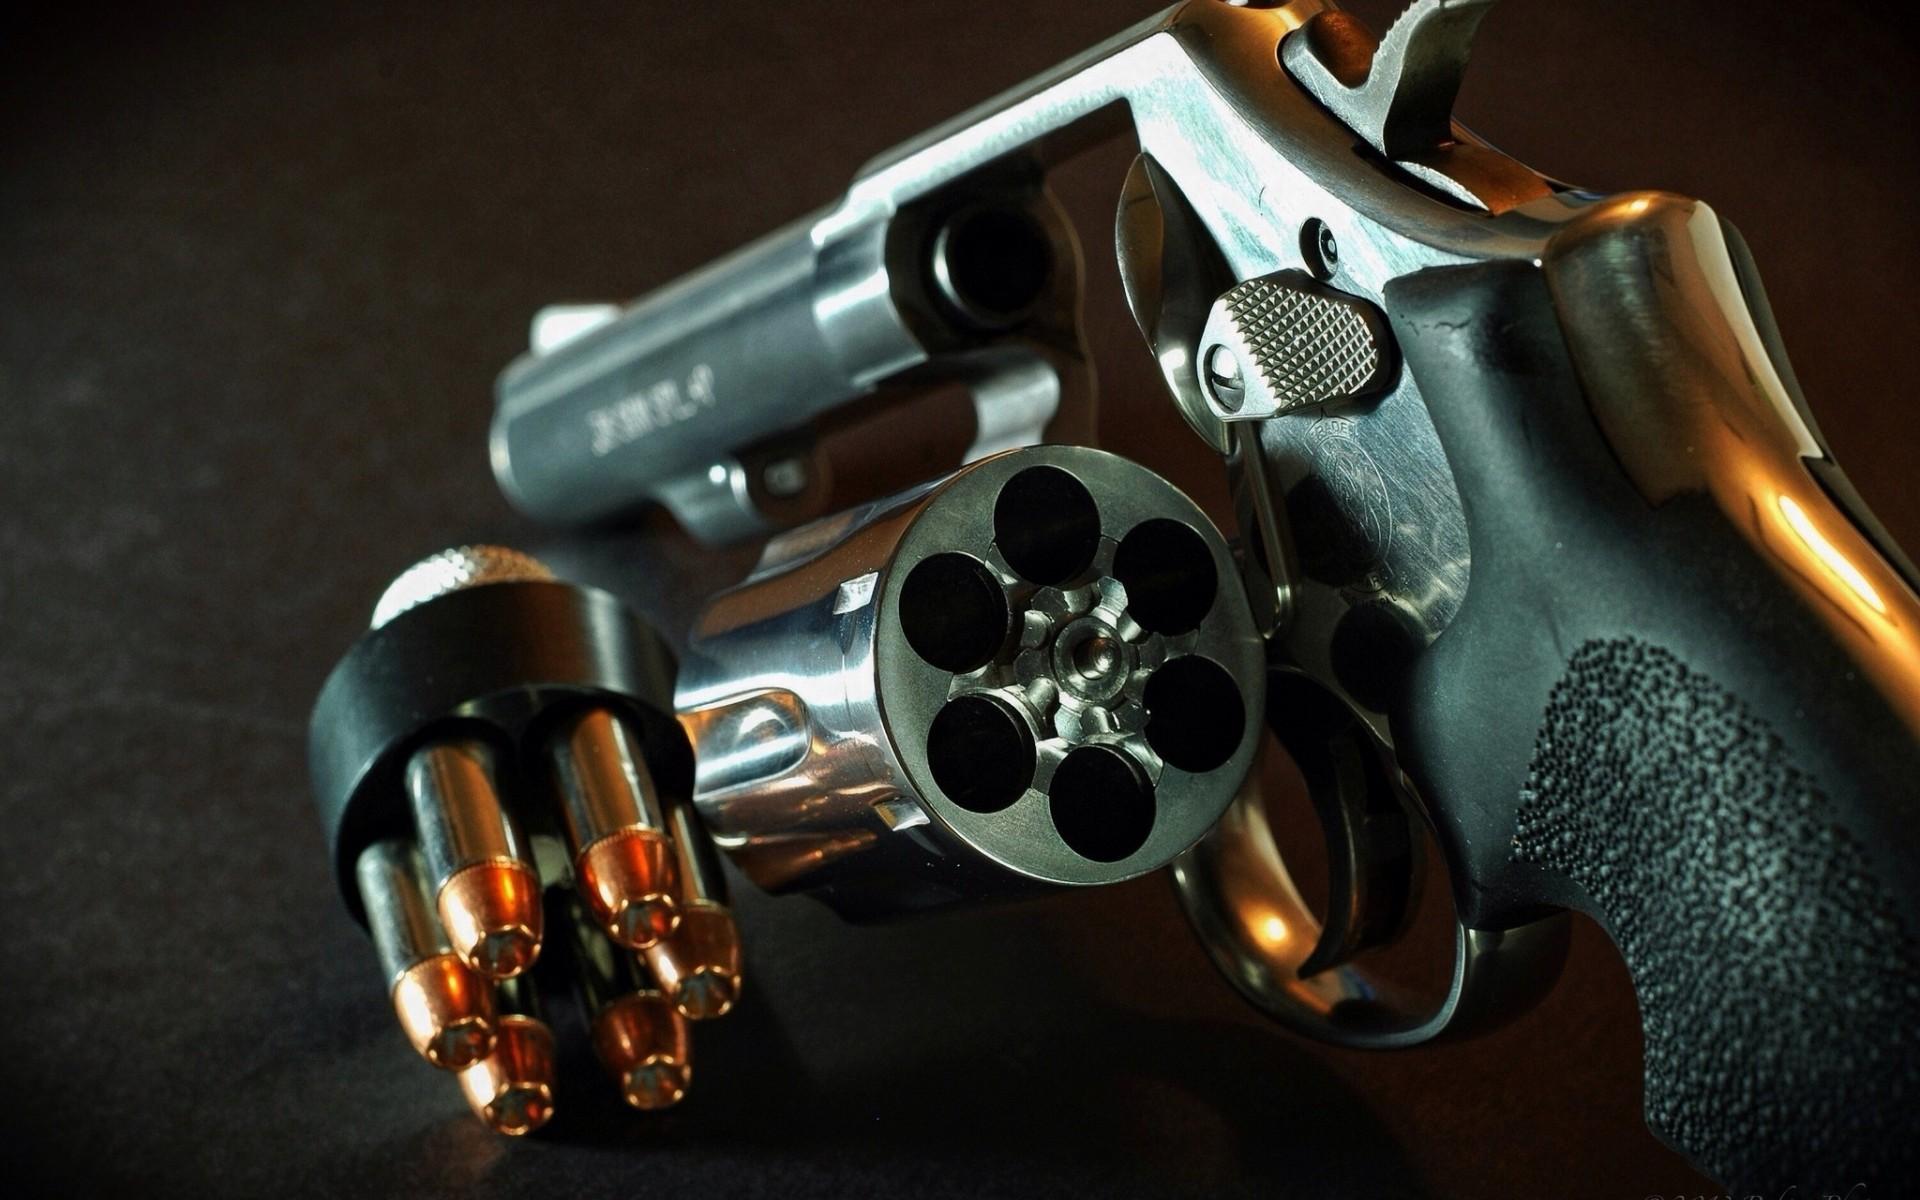 Револьверная карта от Хоум Кредит Банка: интересное решение с интересным названием